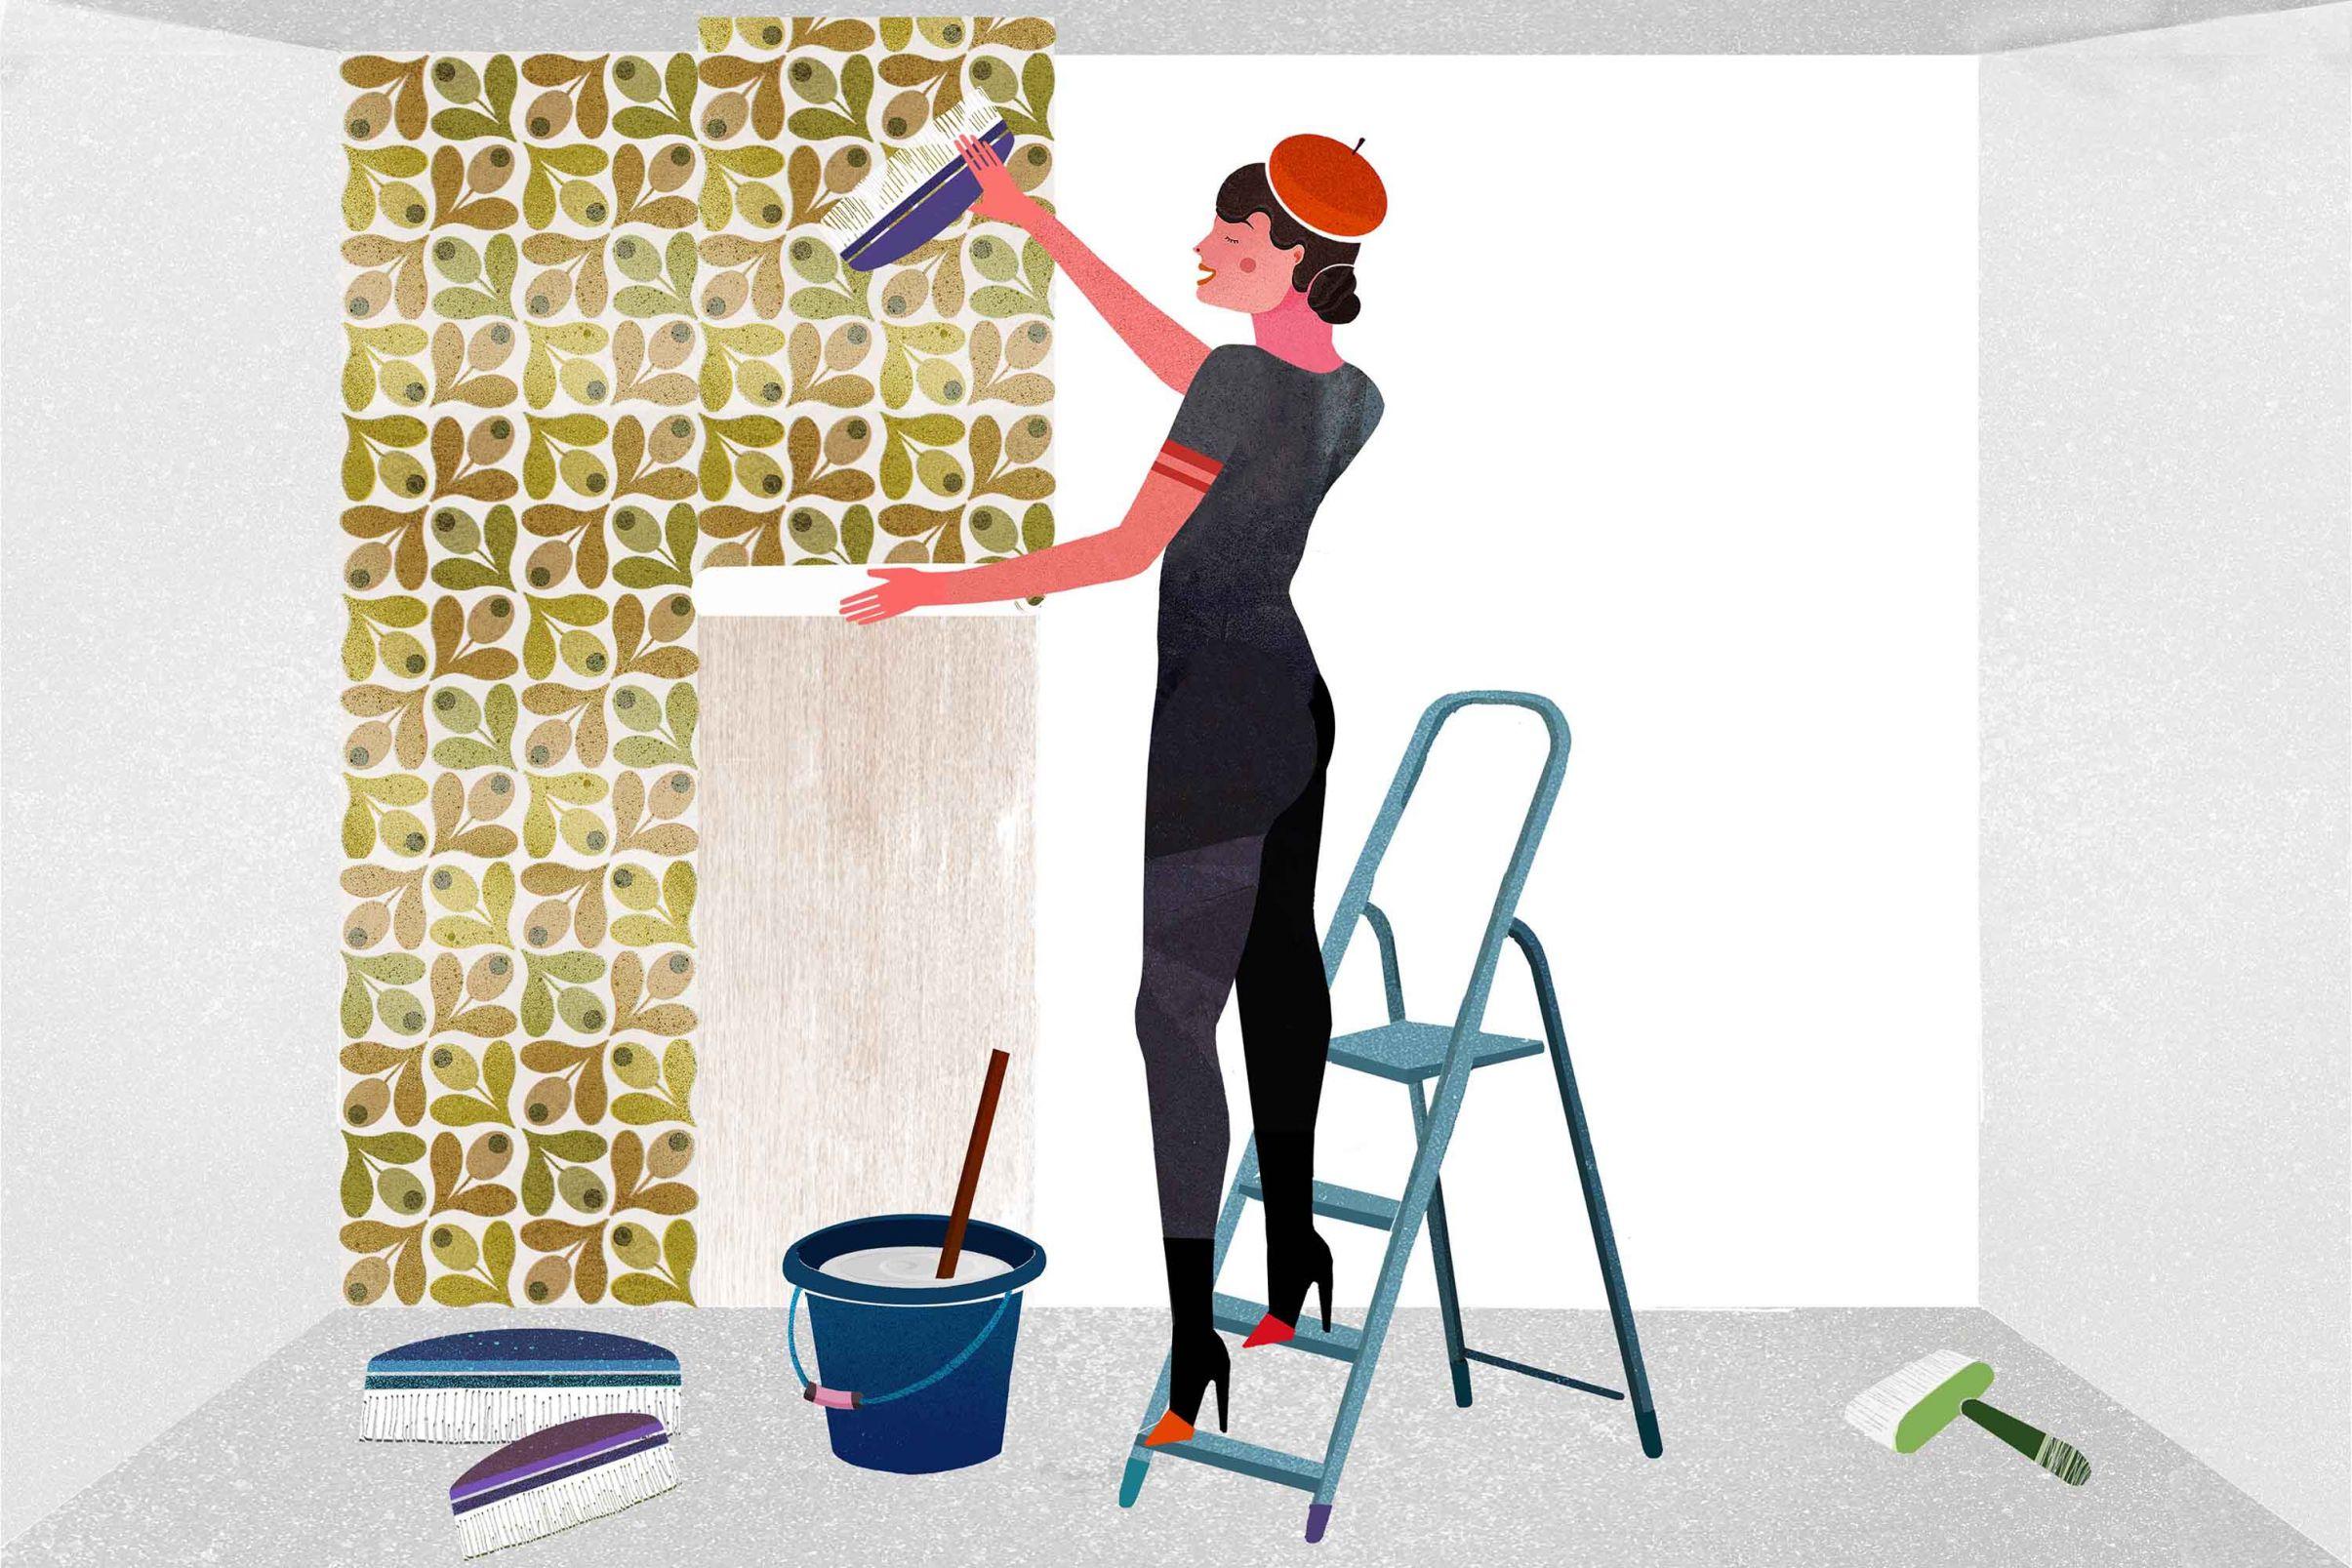 Come-posare-una-carta-da-parati-in-tessuto-non-tessuto-Posare-i-teli-di-carta-da-parati-alla-parete